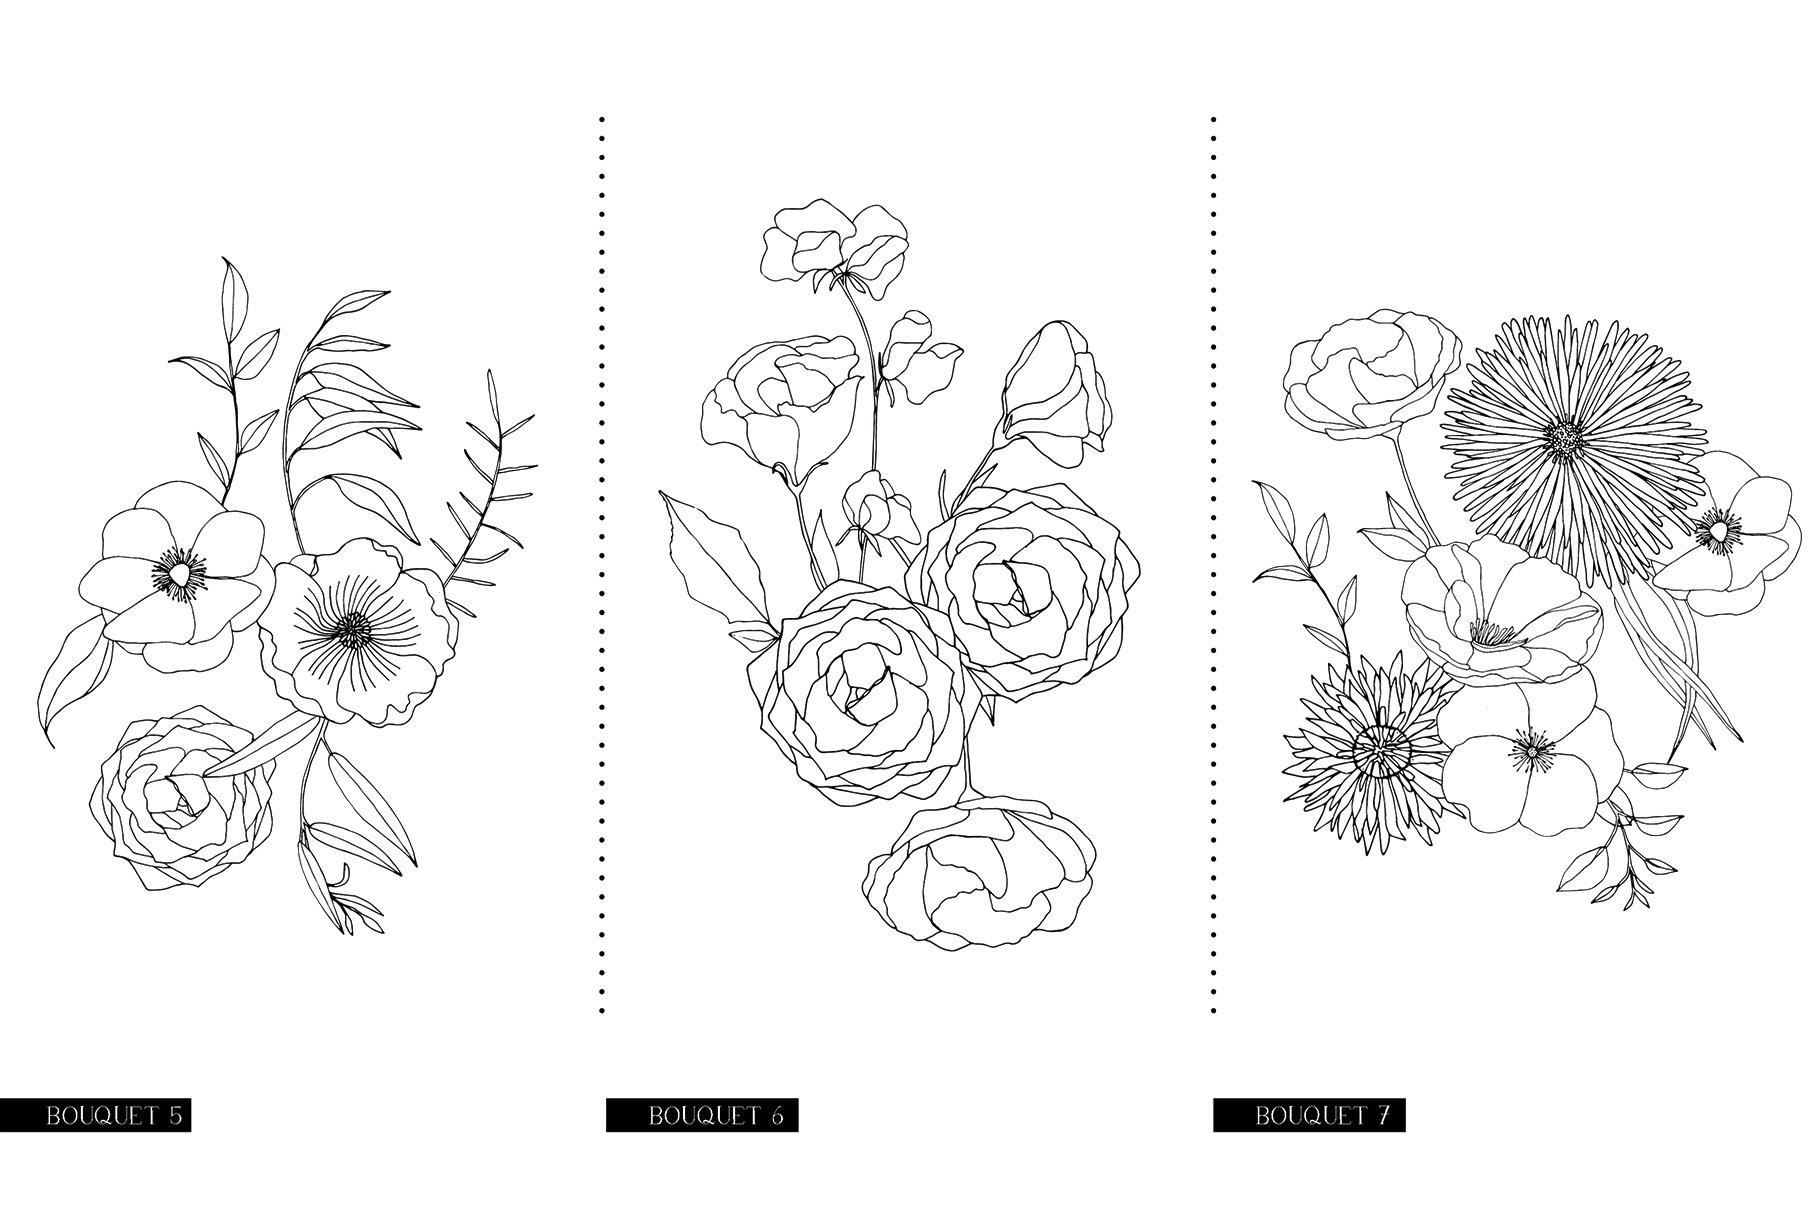 精美手绘花卉花朵无缝隙矢量线稿图案素材 Floral Blast Patterns And Bouquets插图(15)